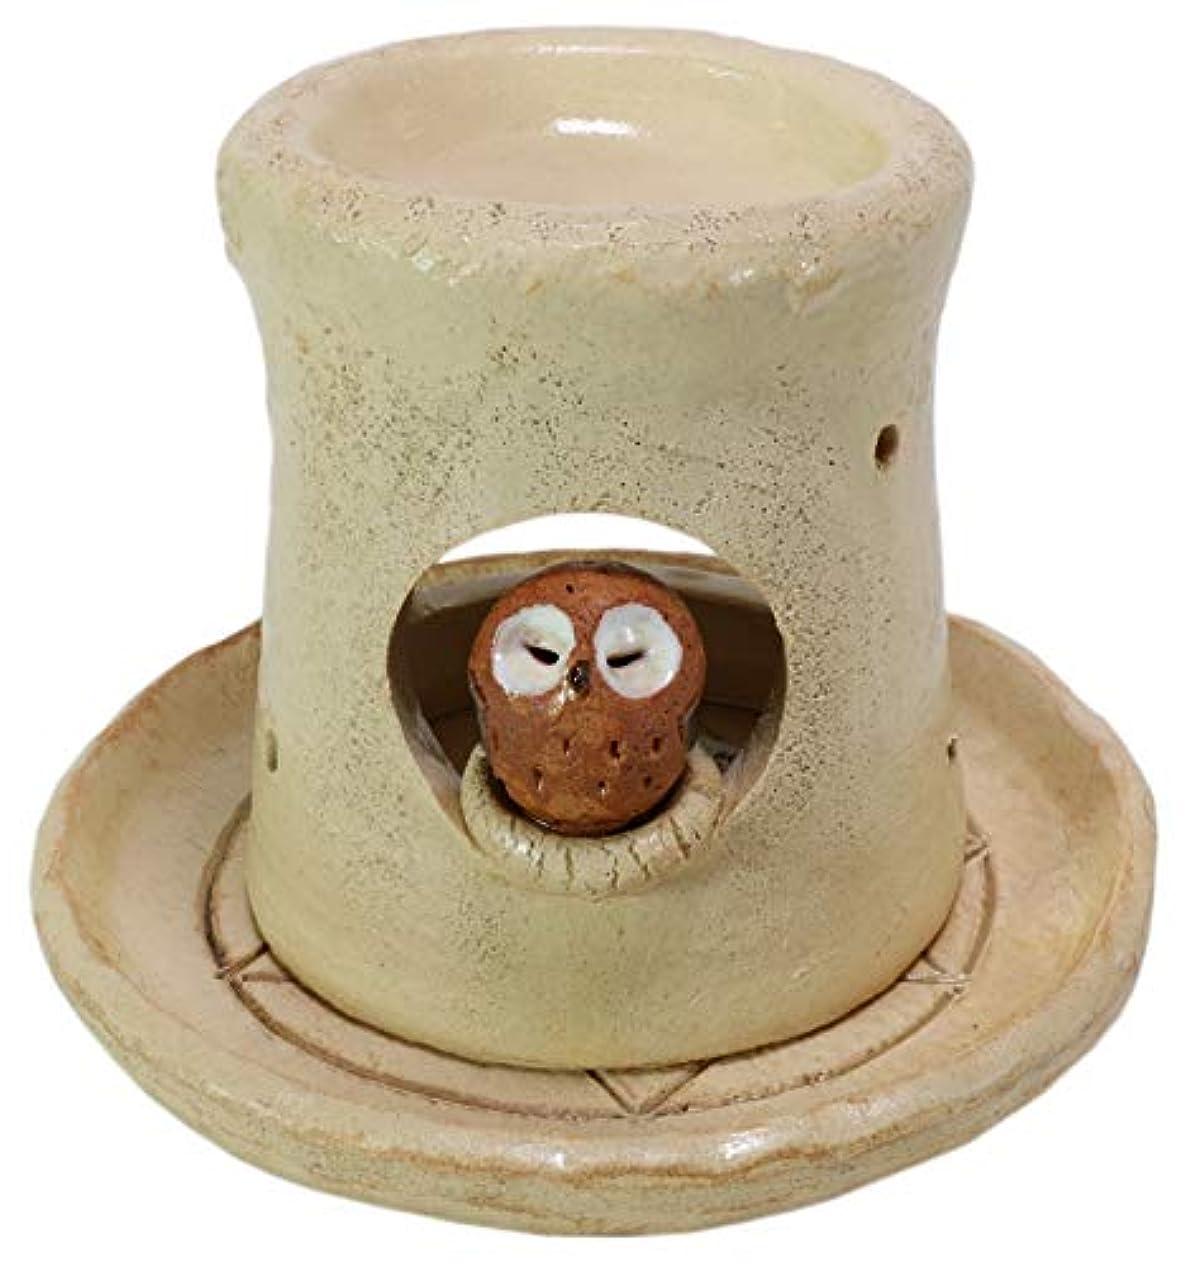 おもしろい感動する定常香炉 フクロウ 茶香炉 [H14cm] HANDMADE プレゼント ギフト 和食器 かわいい インテリア